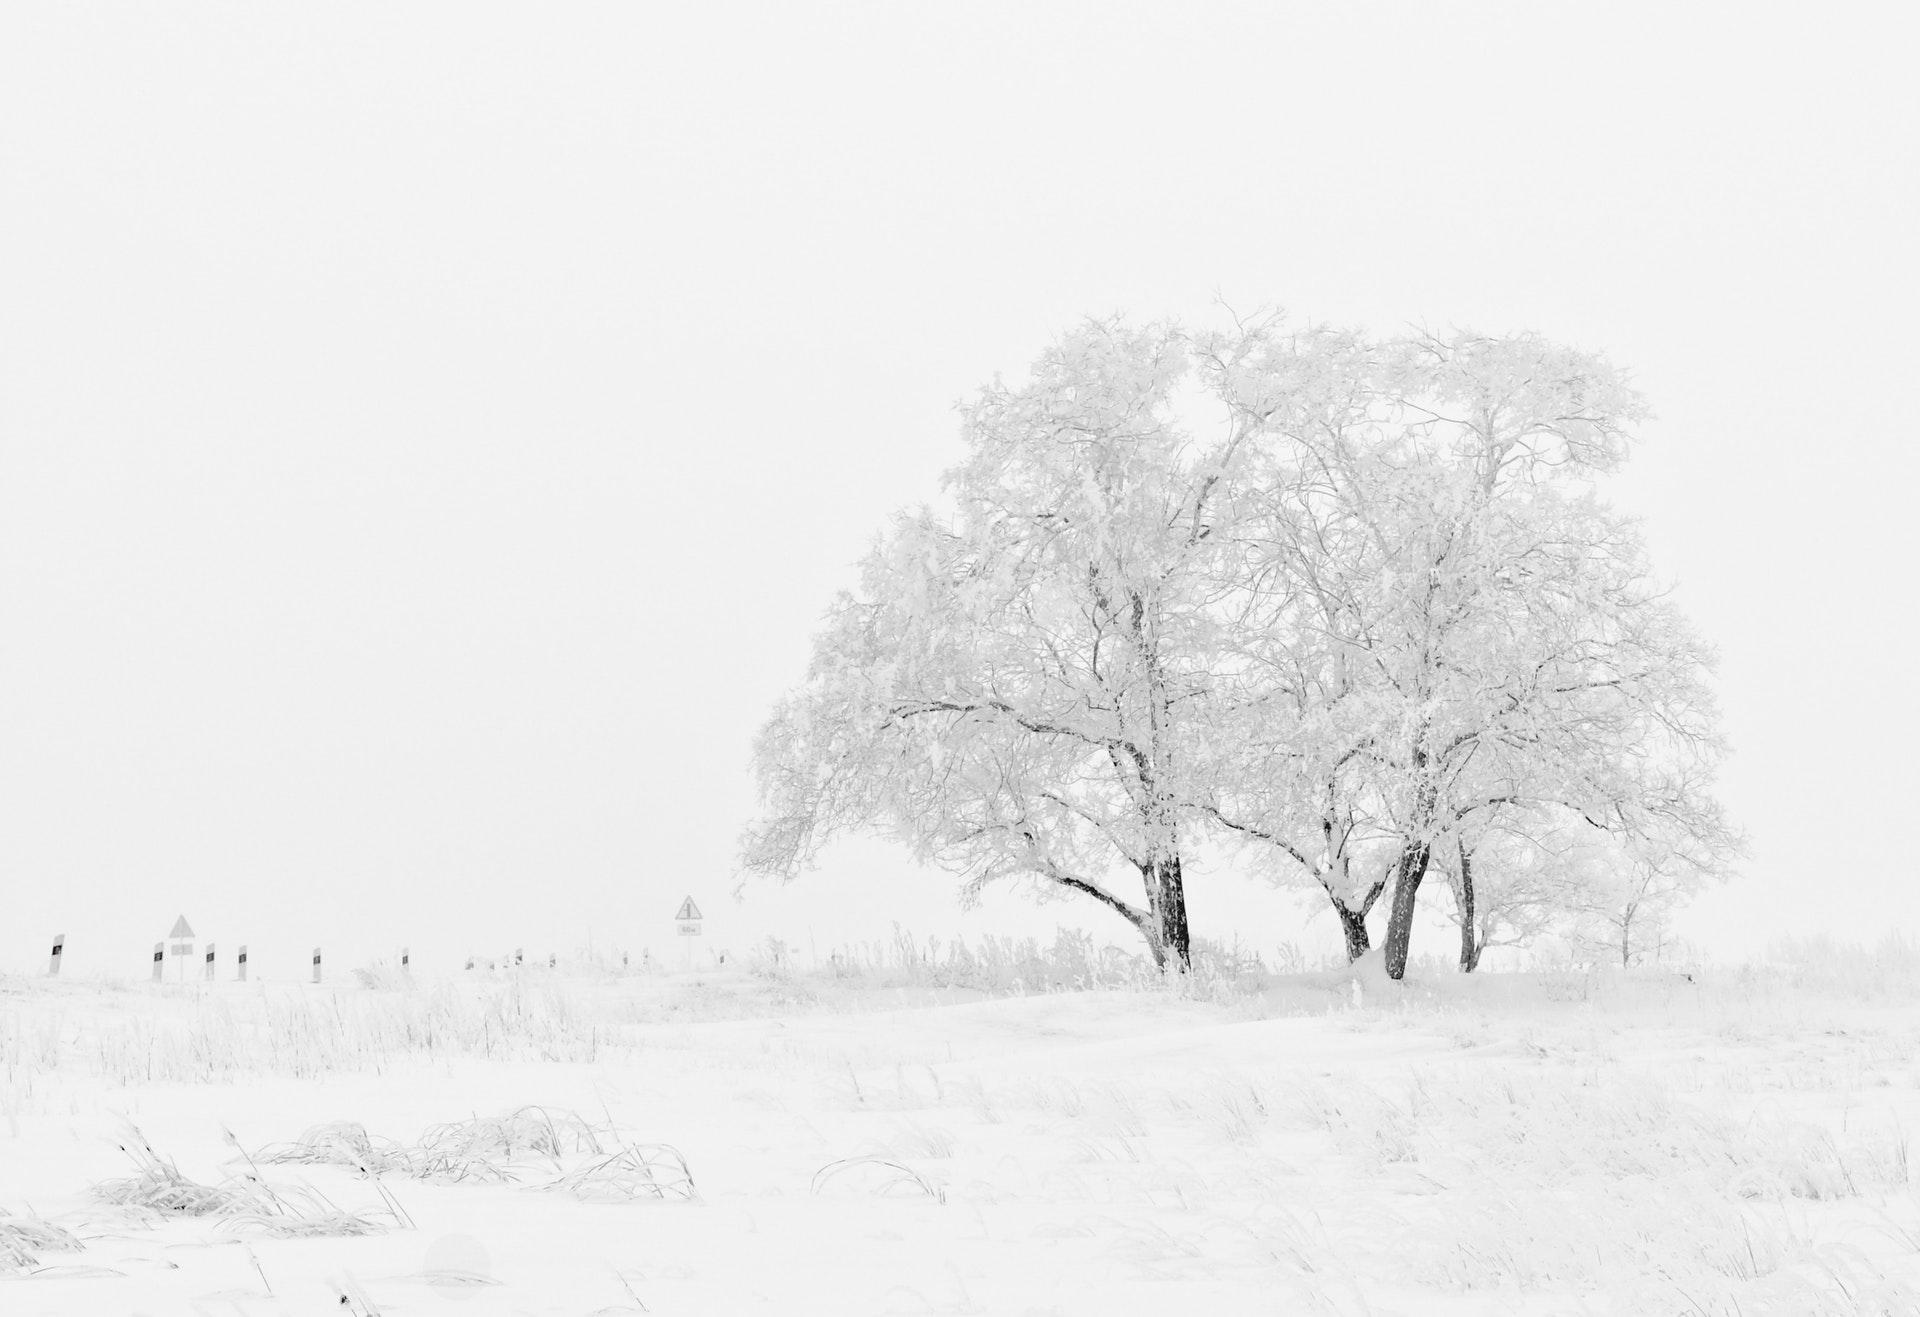 عکس زمینه درختان پوشیده از برف در زمستان پس زمینه